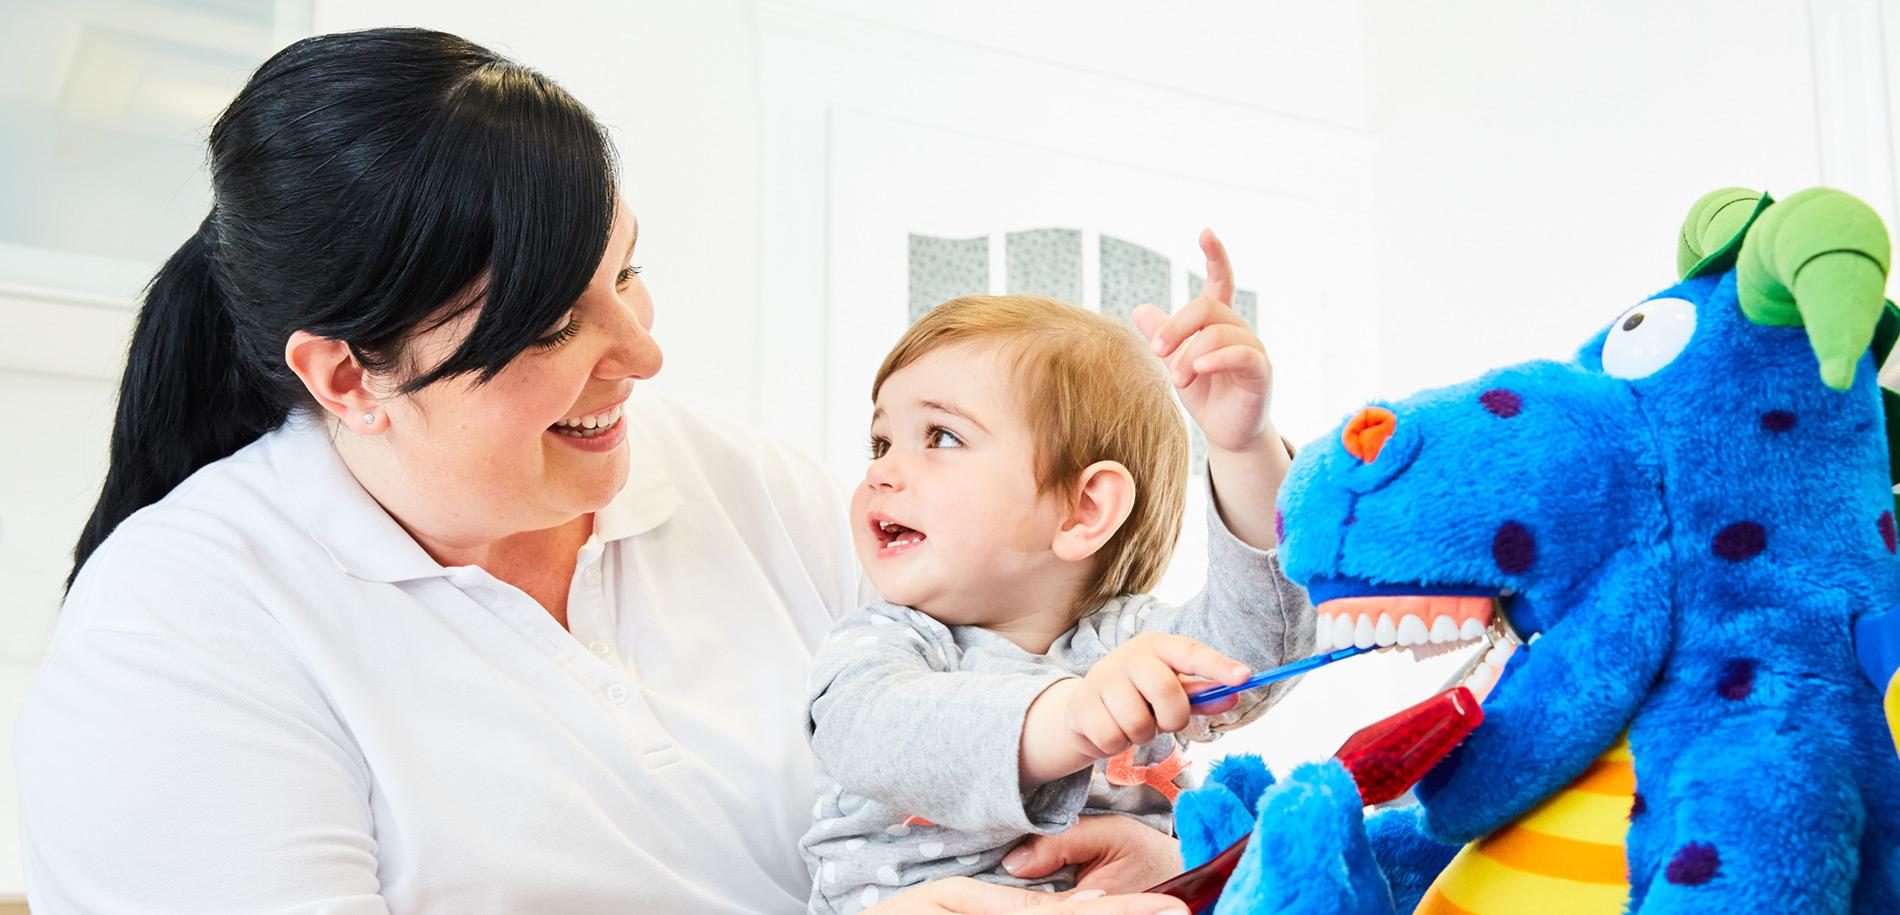 Zahnarztpraxis  Zahnrhein in Walluf - Kinderbehandlung 1